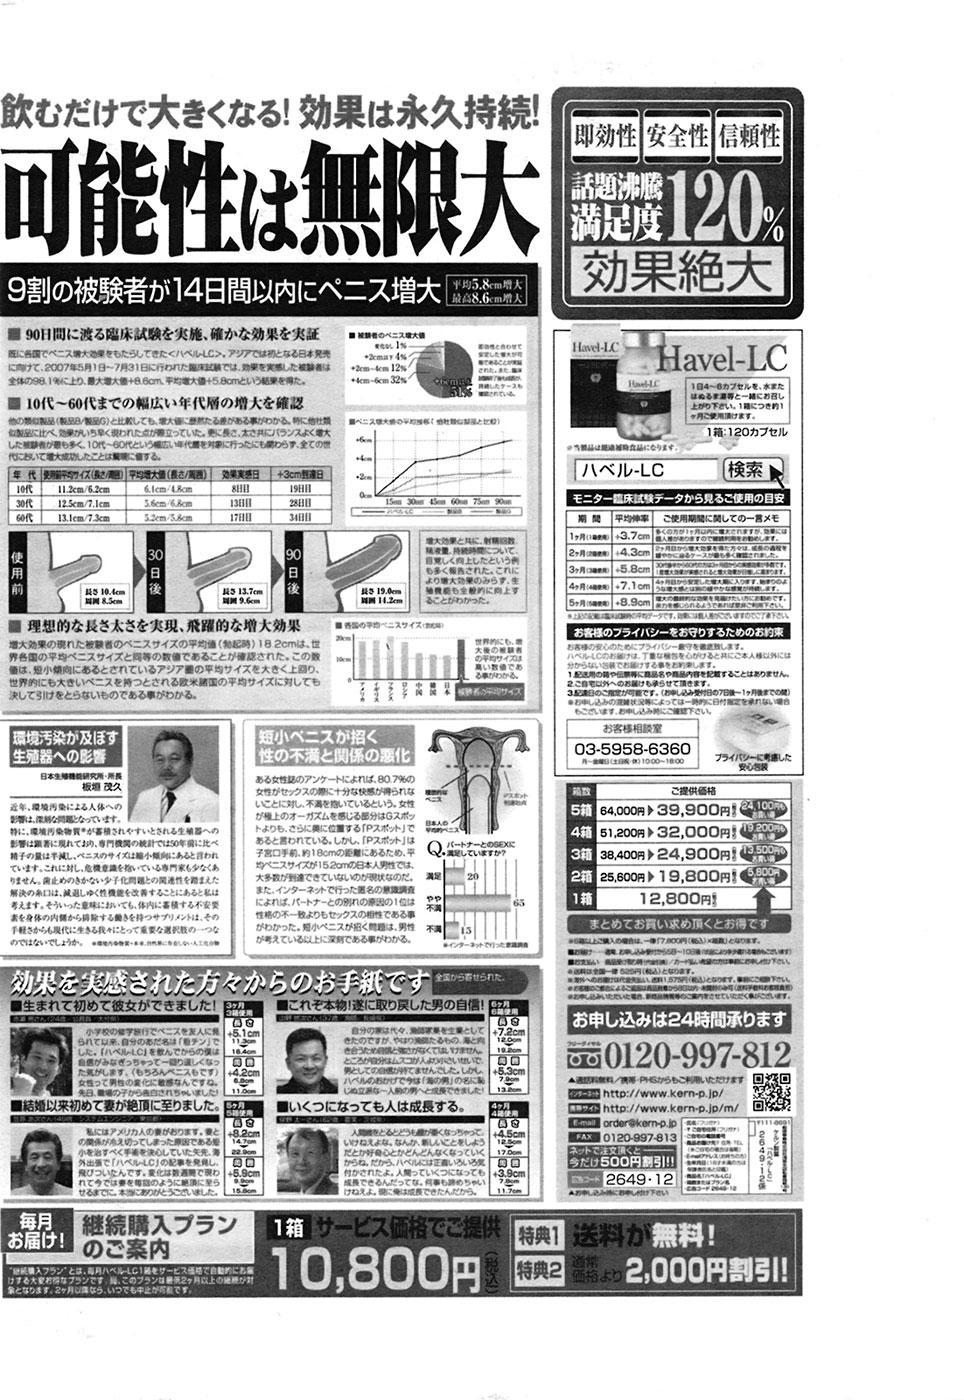 COMIC Purumelo [2009-03] Vol.27 214